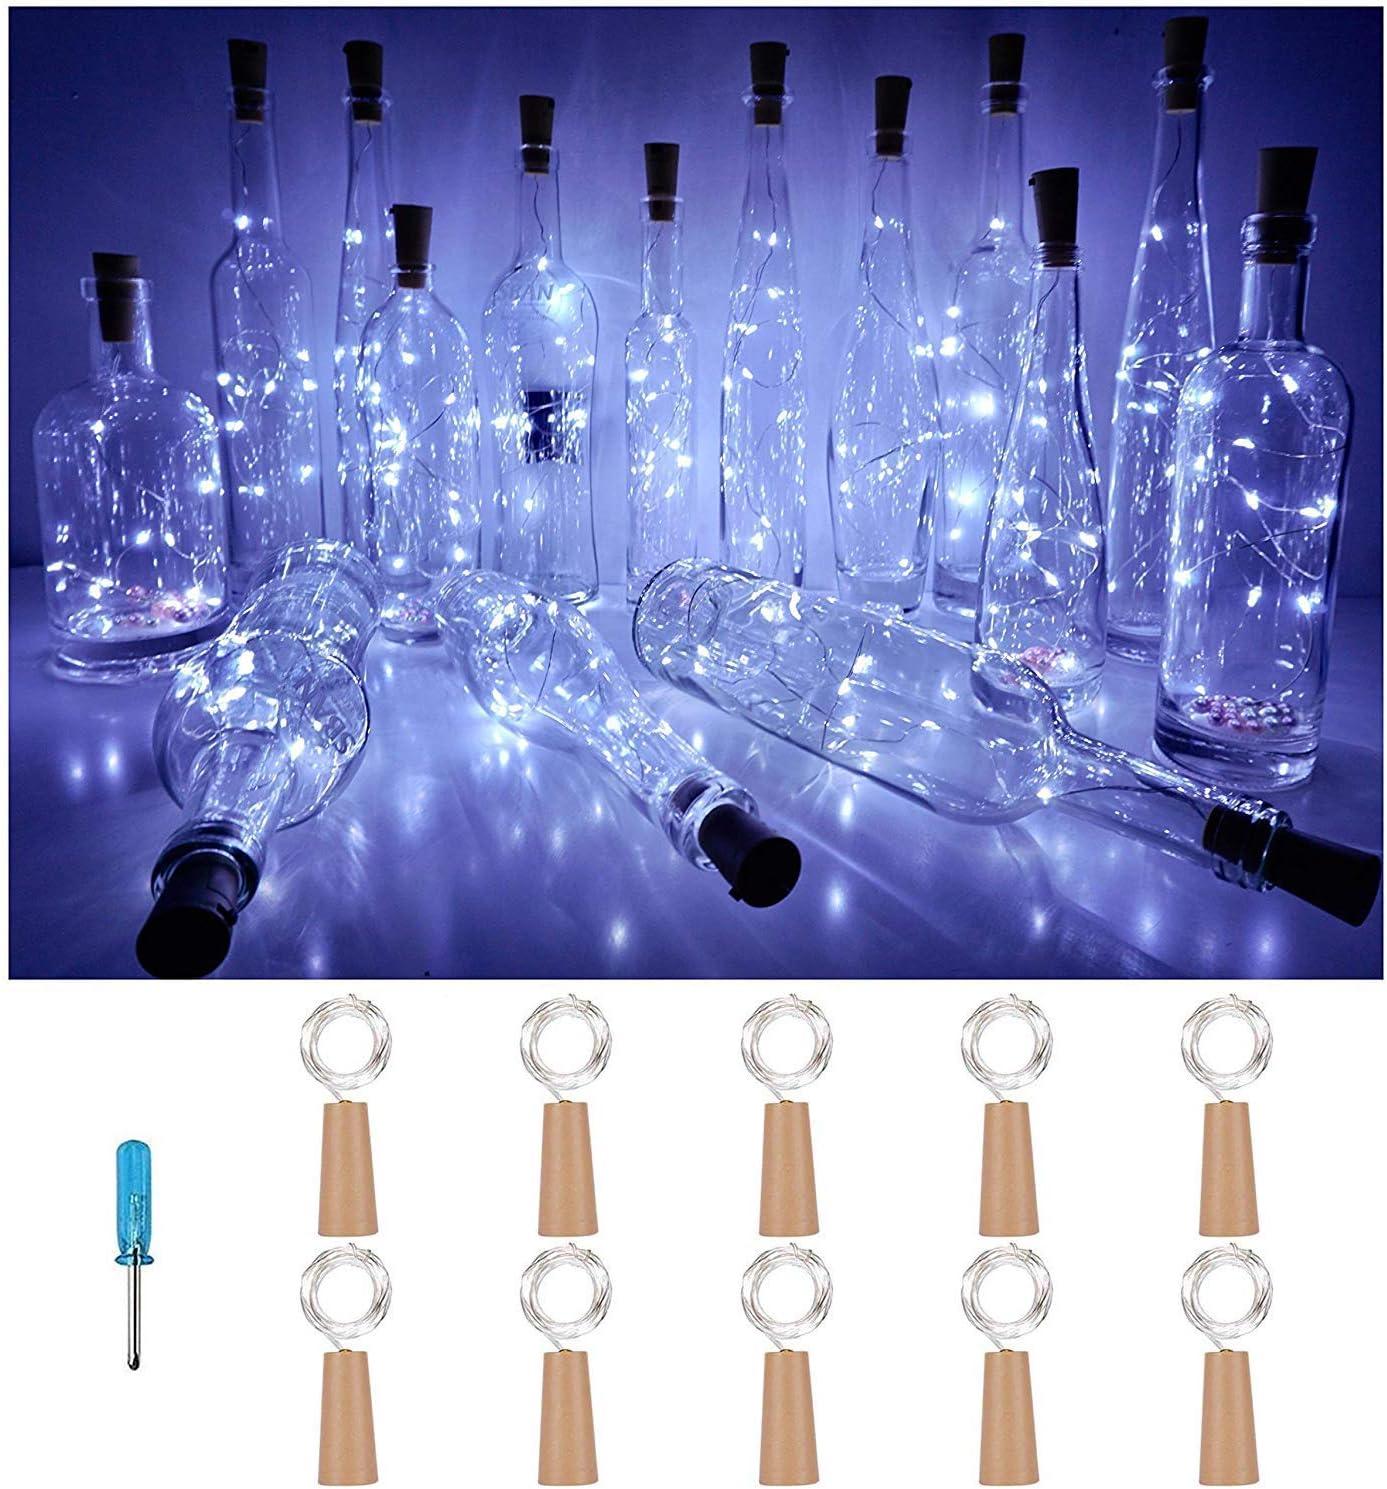 VIPMOON 10pcs llevó las luces de corcho de la botella, 2m 20LEDS Hada botella de vino Cadena de luz Mini alambre de cobre,luces estrelladas con pilas para bricolaje Navidad Halloween Fiesta- Blanco